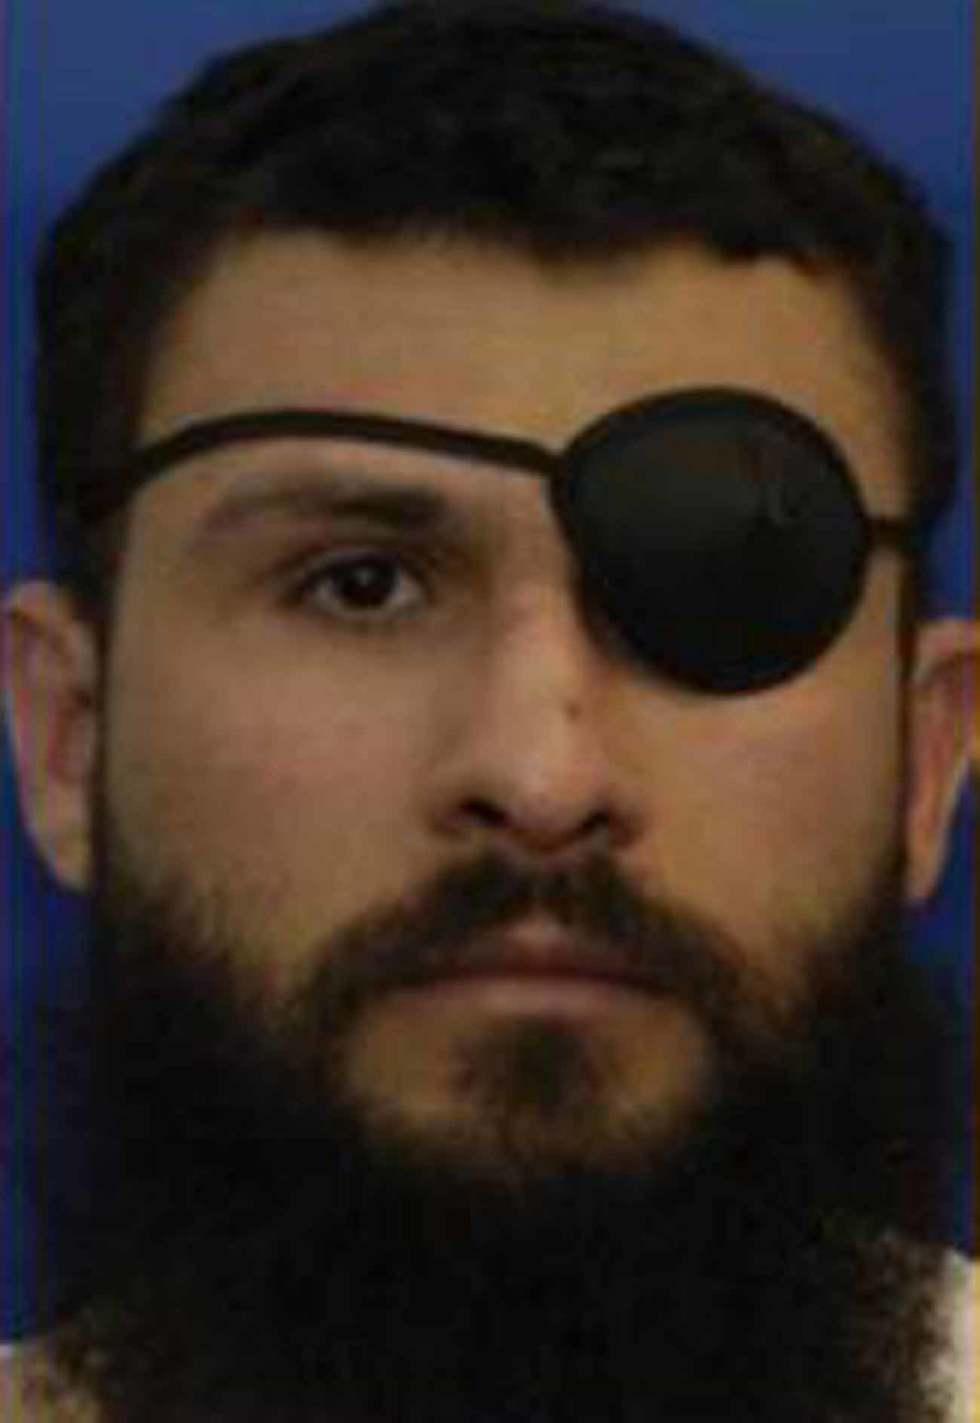 עבר עינויים בהוראת האספל. אבו זוביידה (צילום: ויקיפדיה) (צילום: ויקיפדיה)